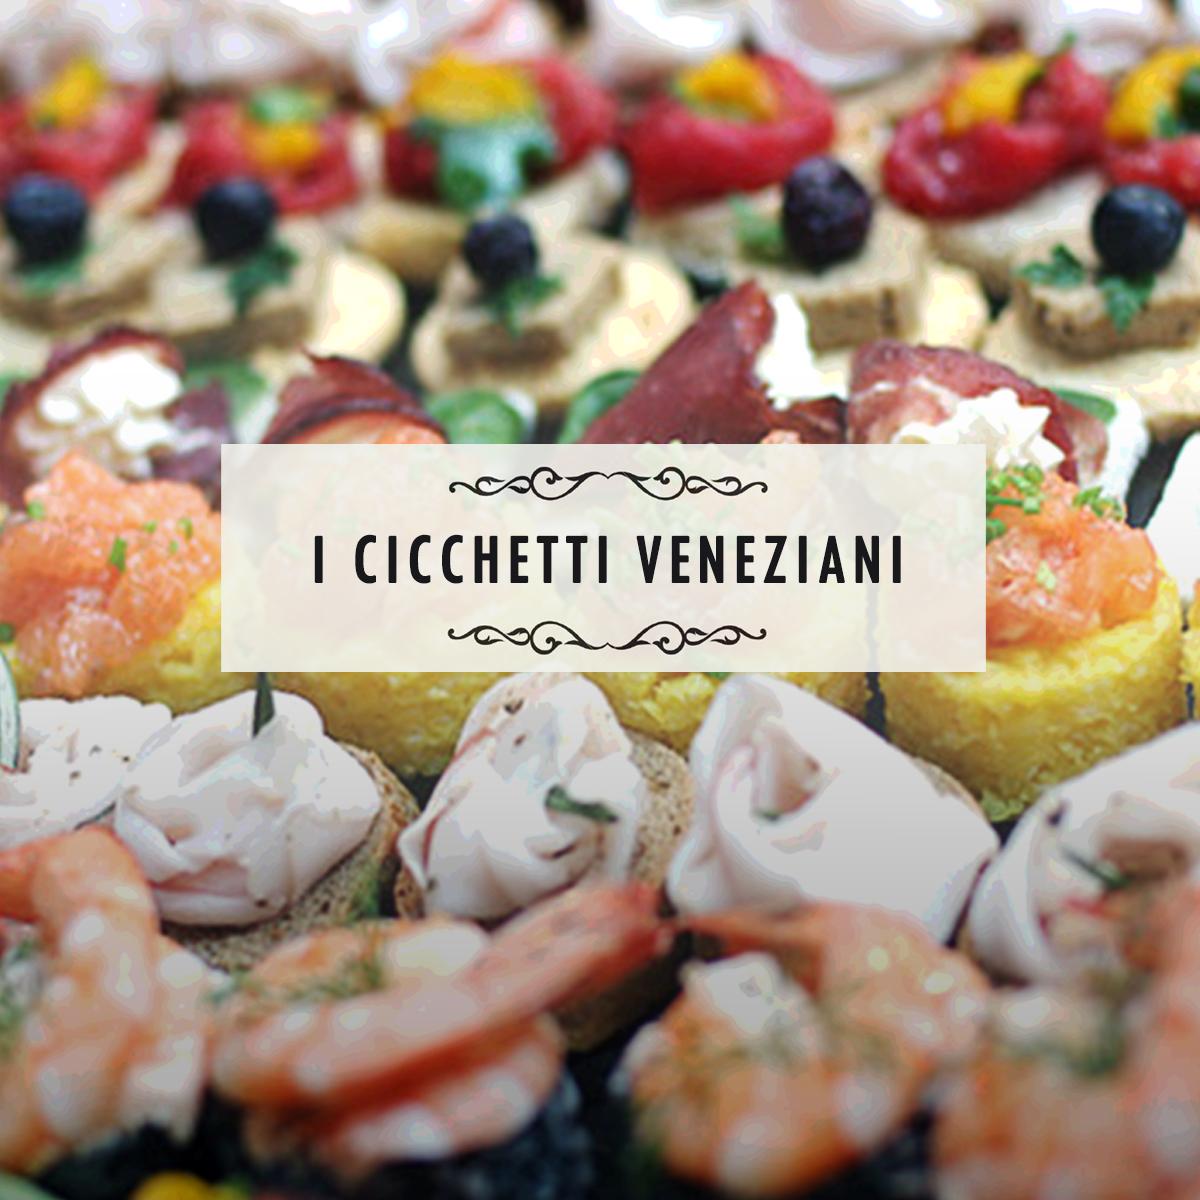 I cicchetti veneziani